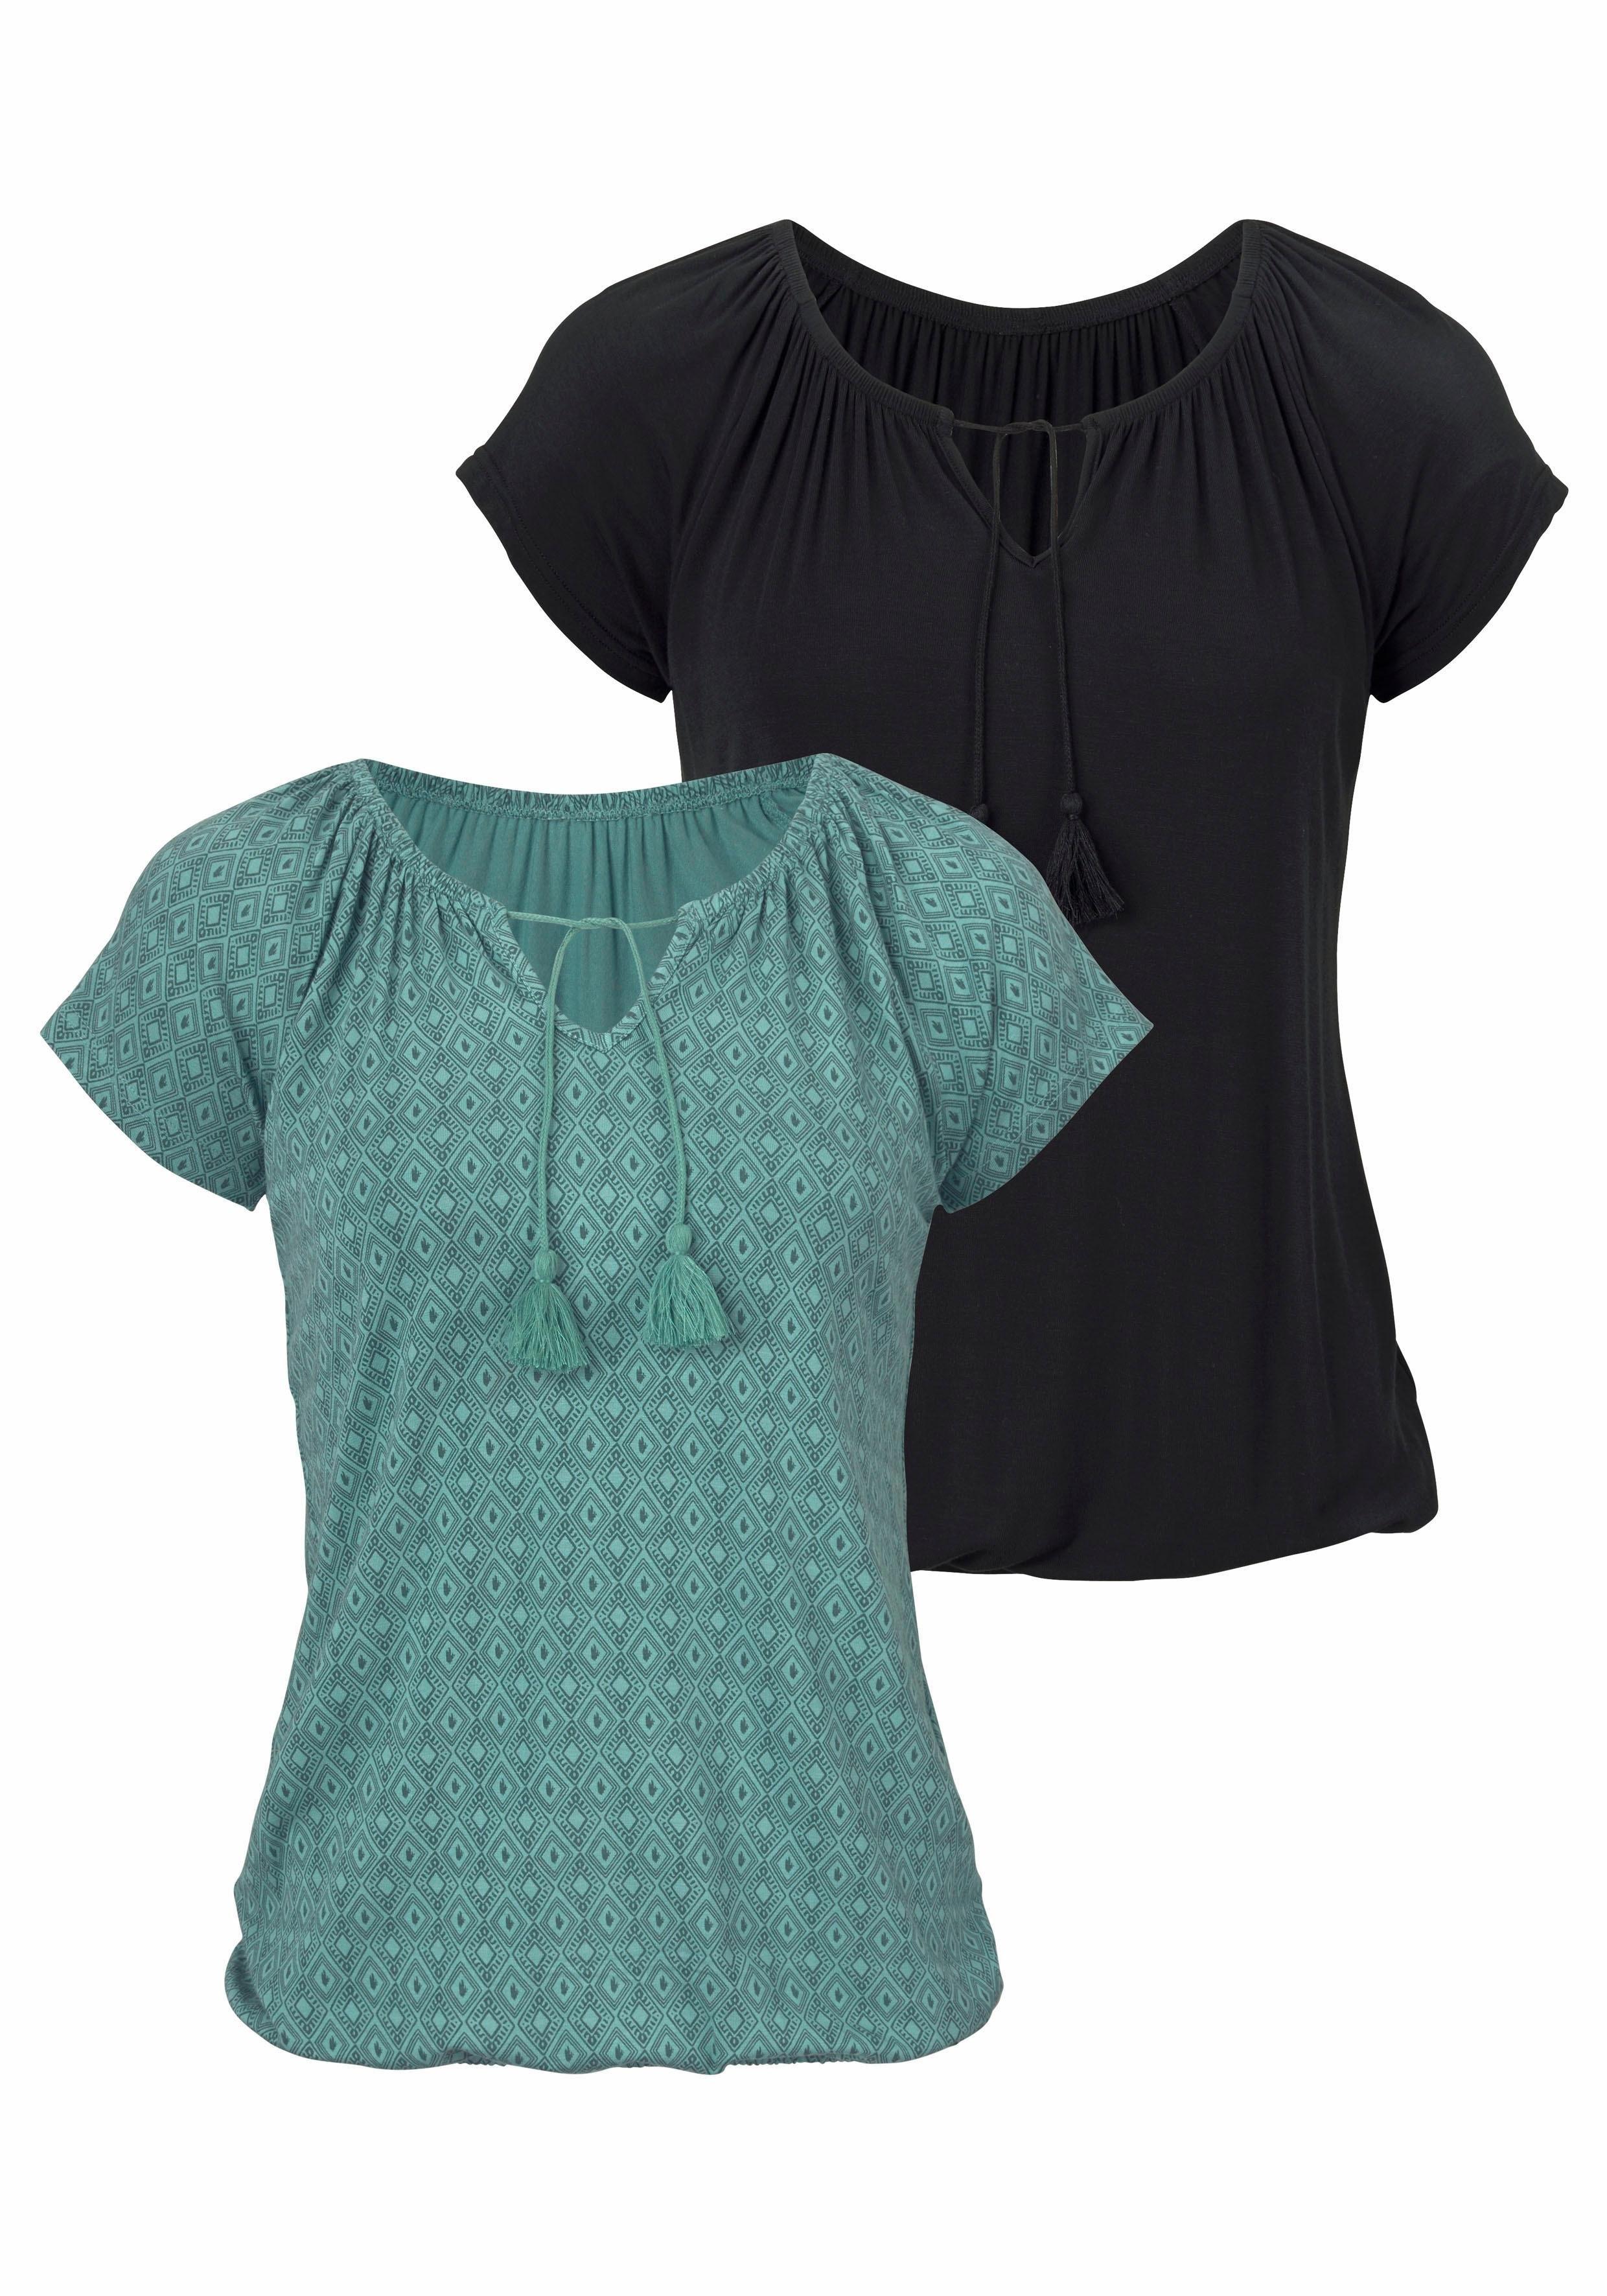 Vivance T-shirt met iets aangerimpelde hals (Set van 2) nu online kopen bij Lascana